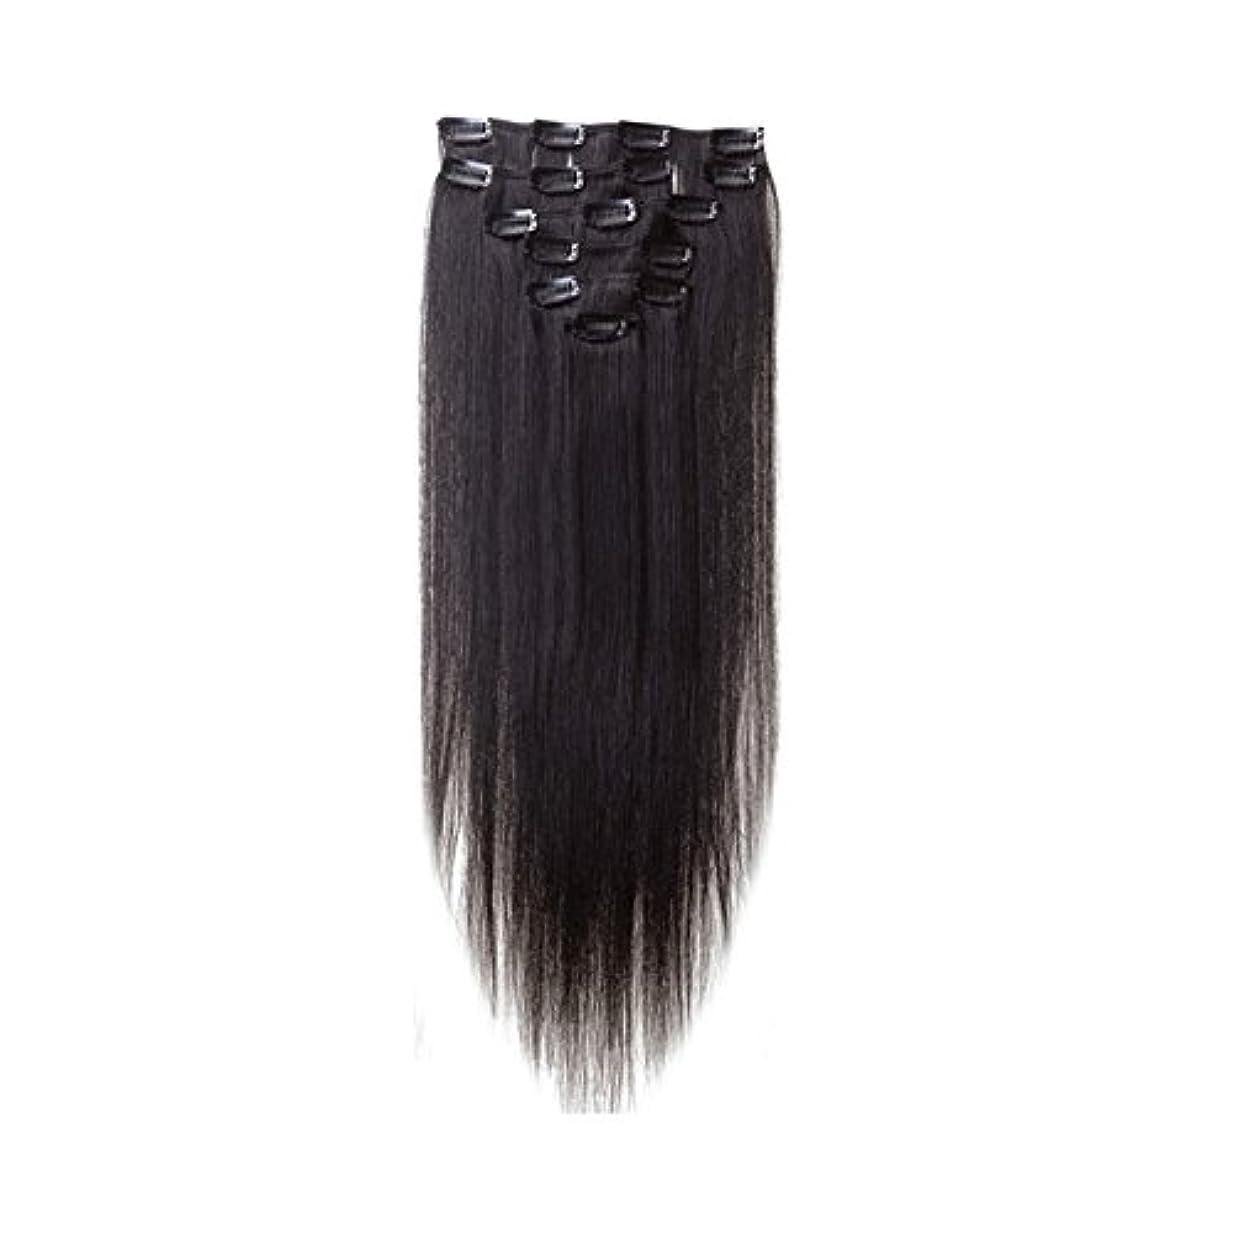 発行素人できないヘアエクステンション,SODIAL(R) 女性の人間の髪 クリップインヘアエクステンション 7件 70g 20インチ ナチュラルブラック